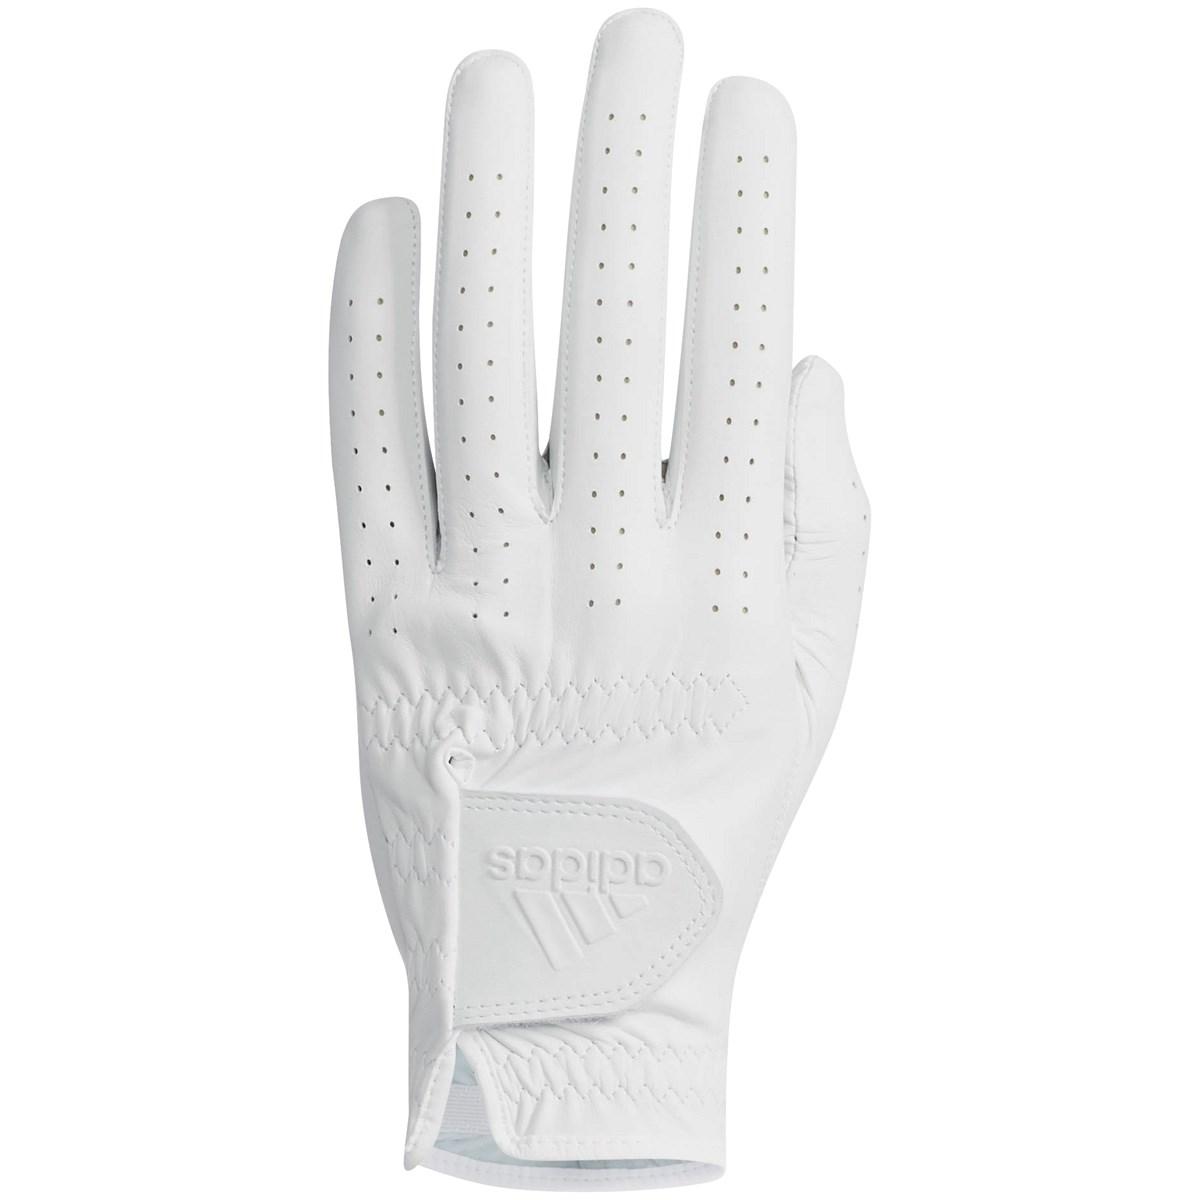 アディダス Adidas ULTIMATE Leather グローブ 21cm 左手着用(右利き用) ホワイト